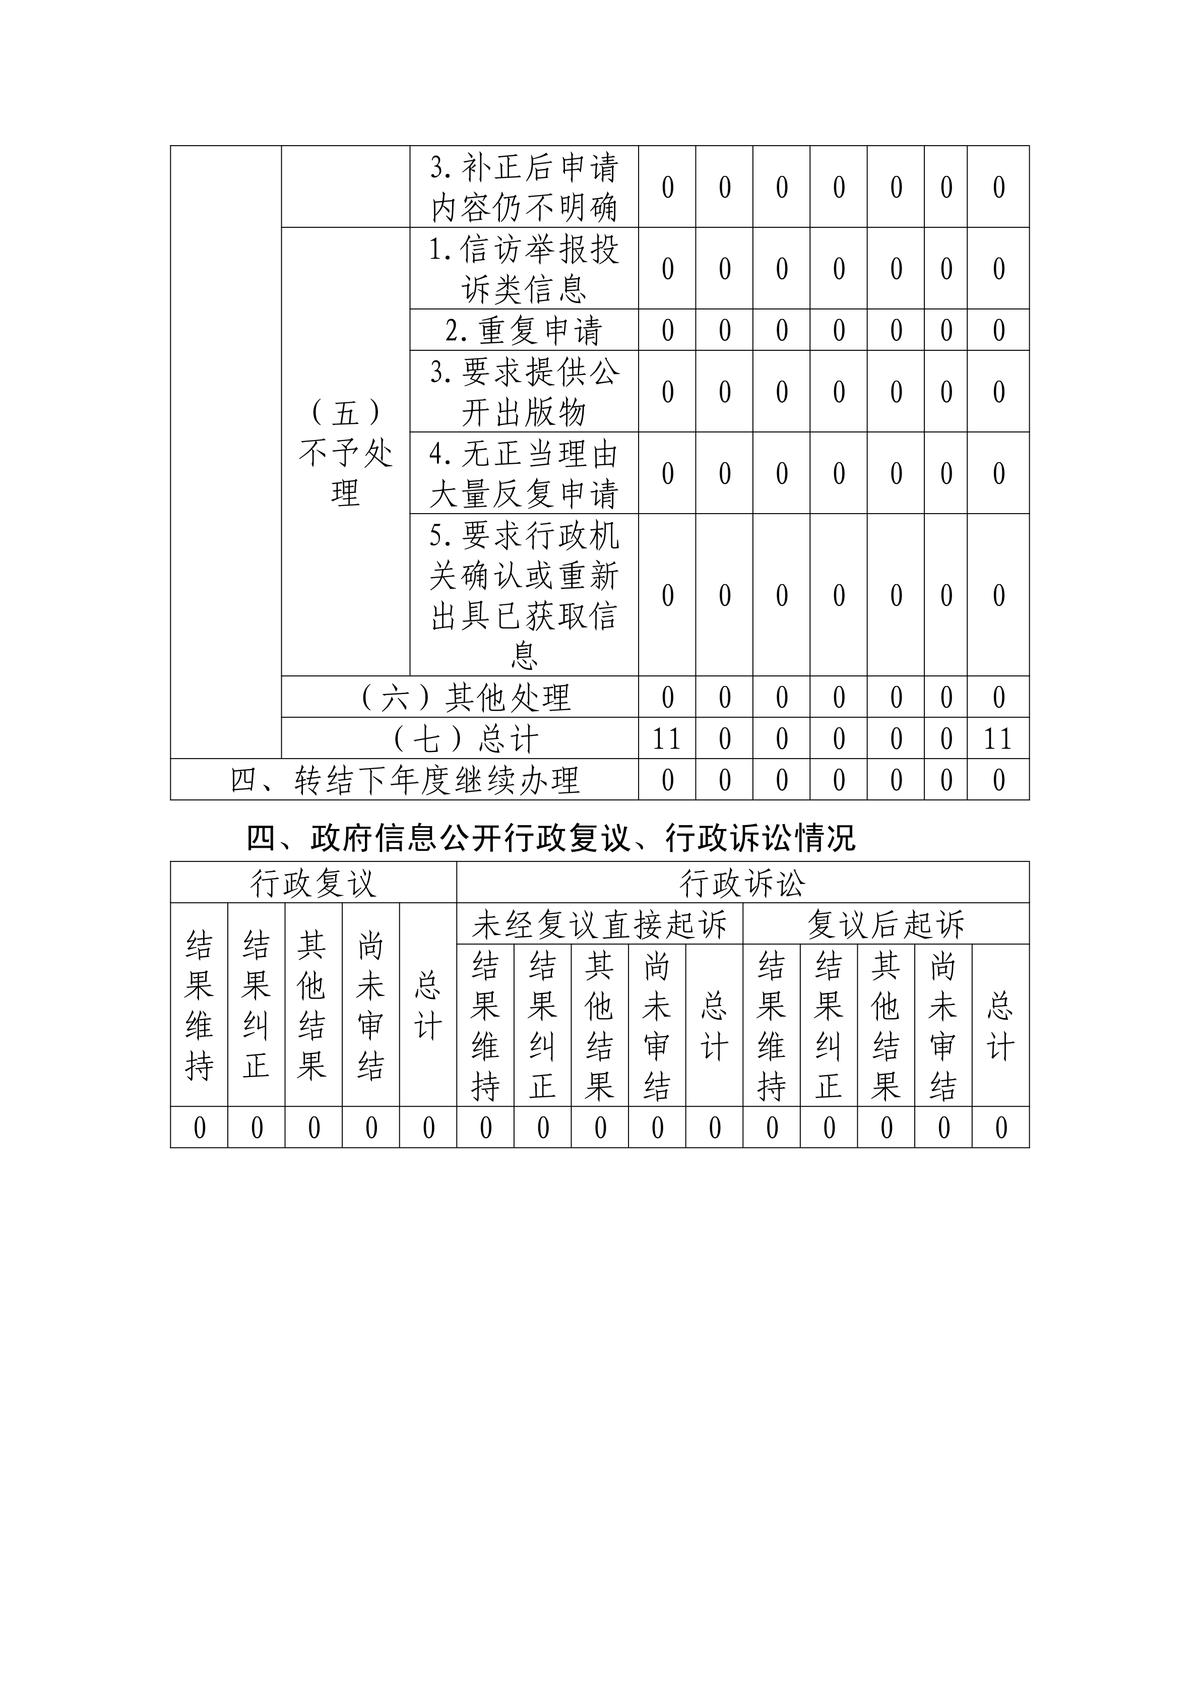 省扶贫办2019年政务公开年报(1)_02.png